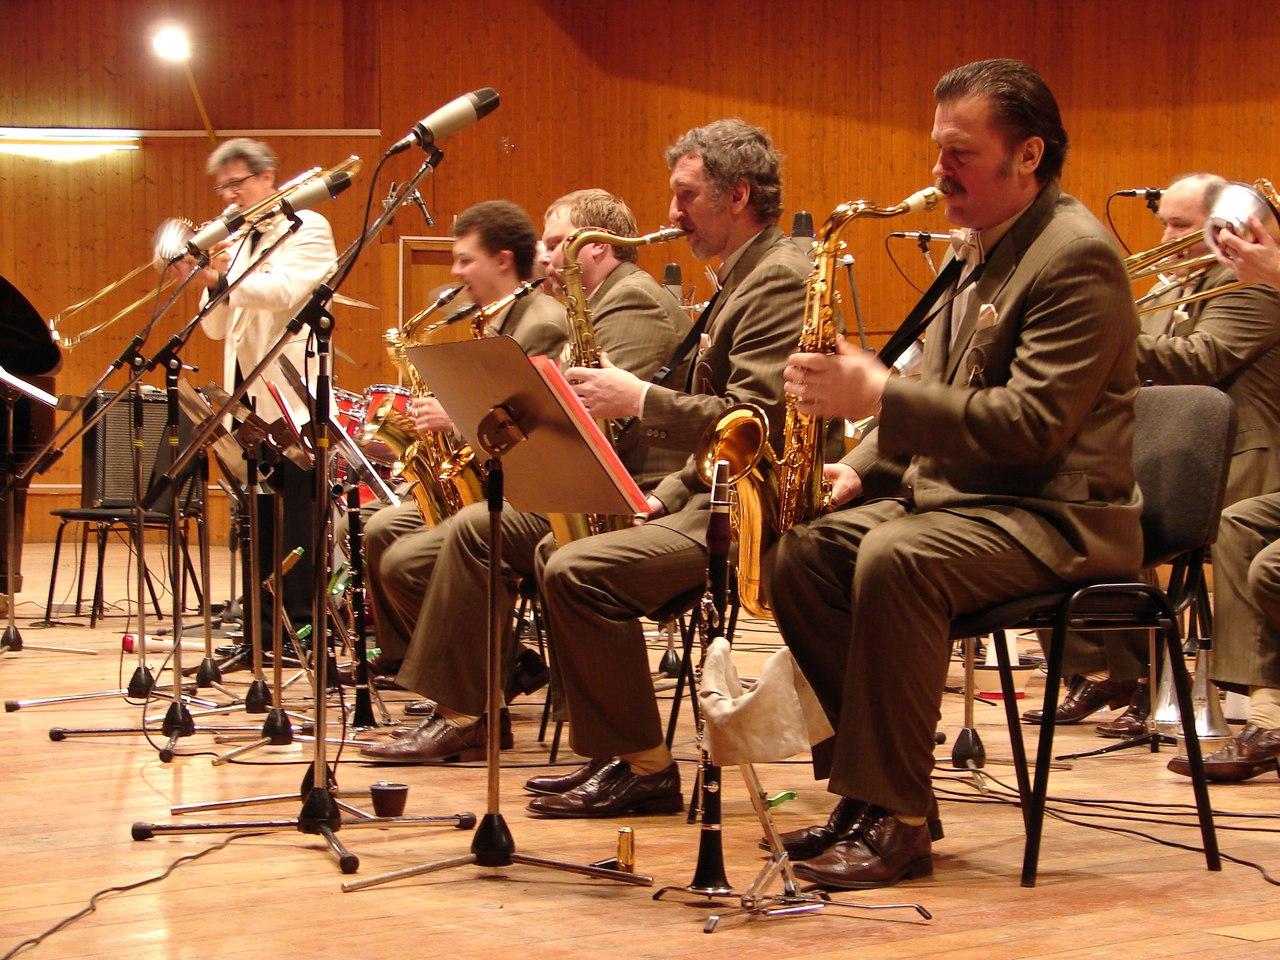 orkestr-2.jpg